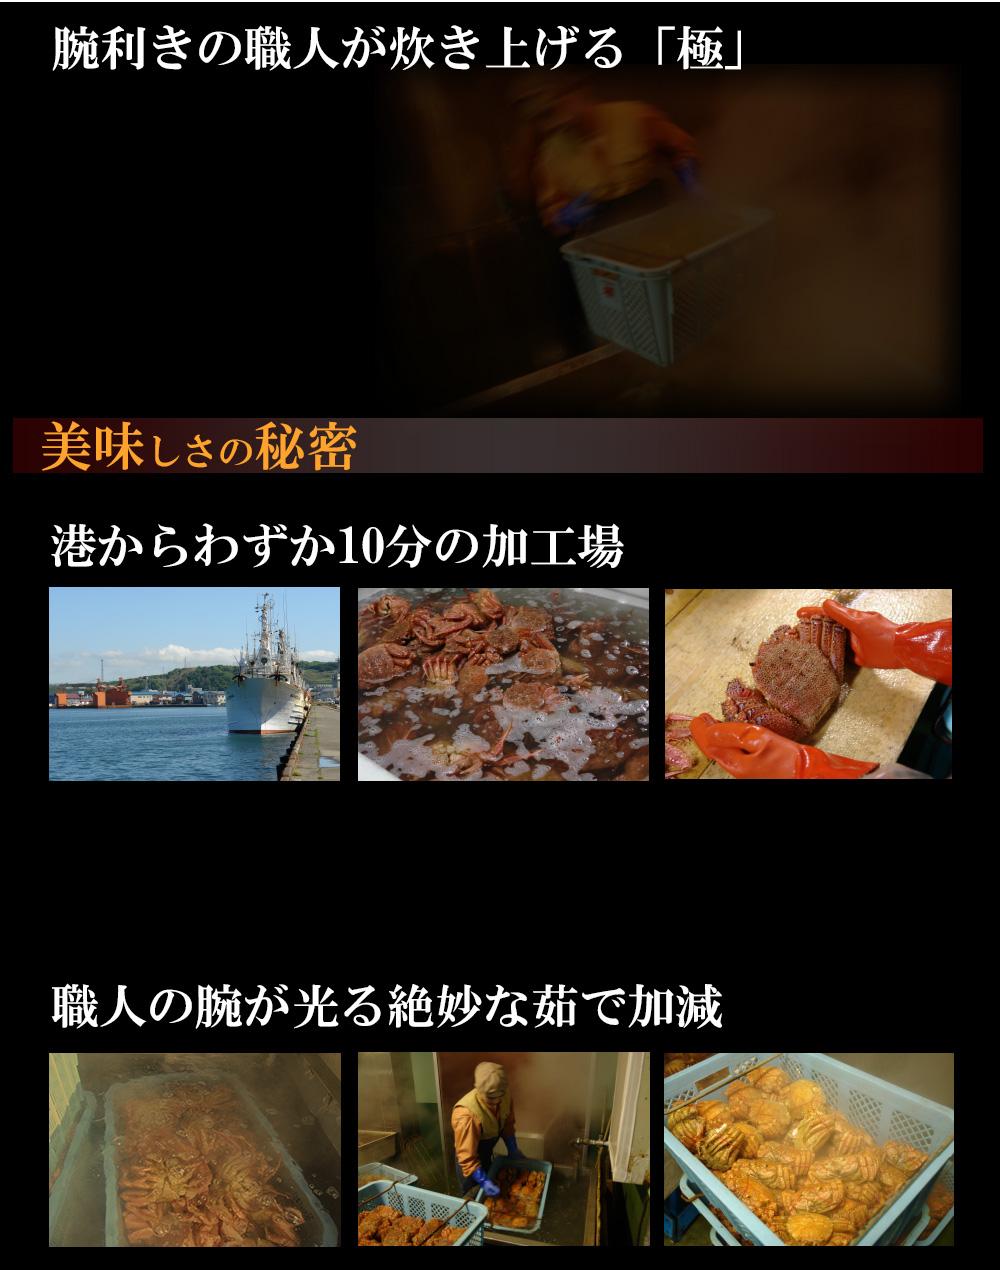 腕利きの職人が炊き上げる北海道毛ガニ